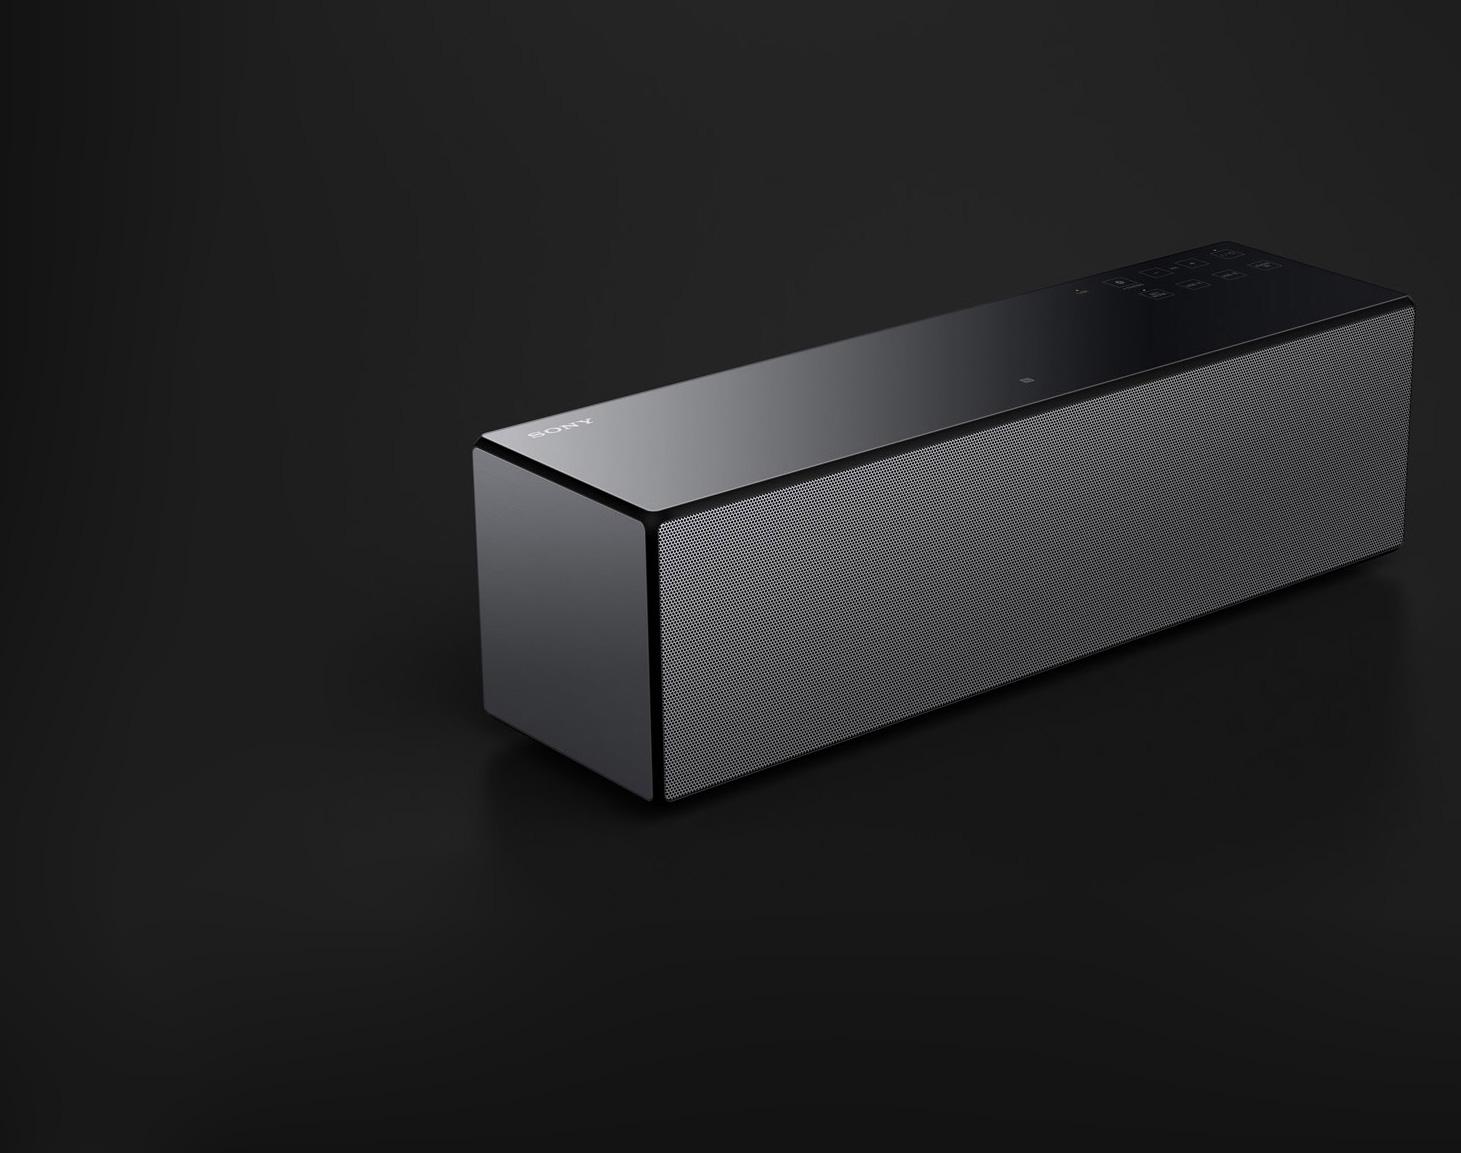 Coluna sem fio SRS-X88, da Sony